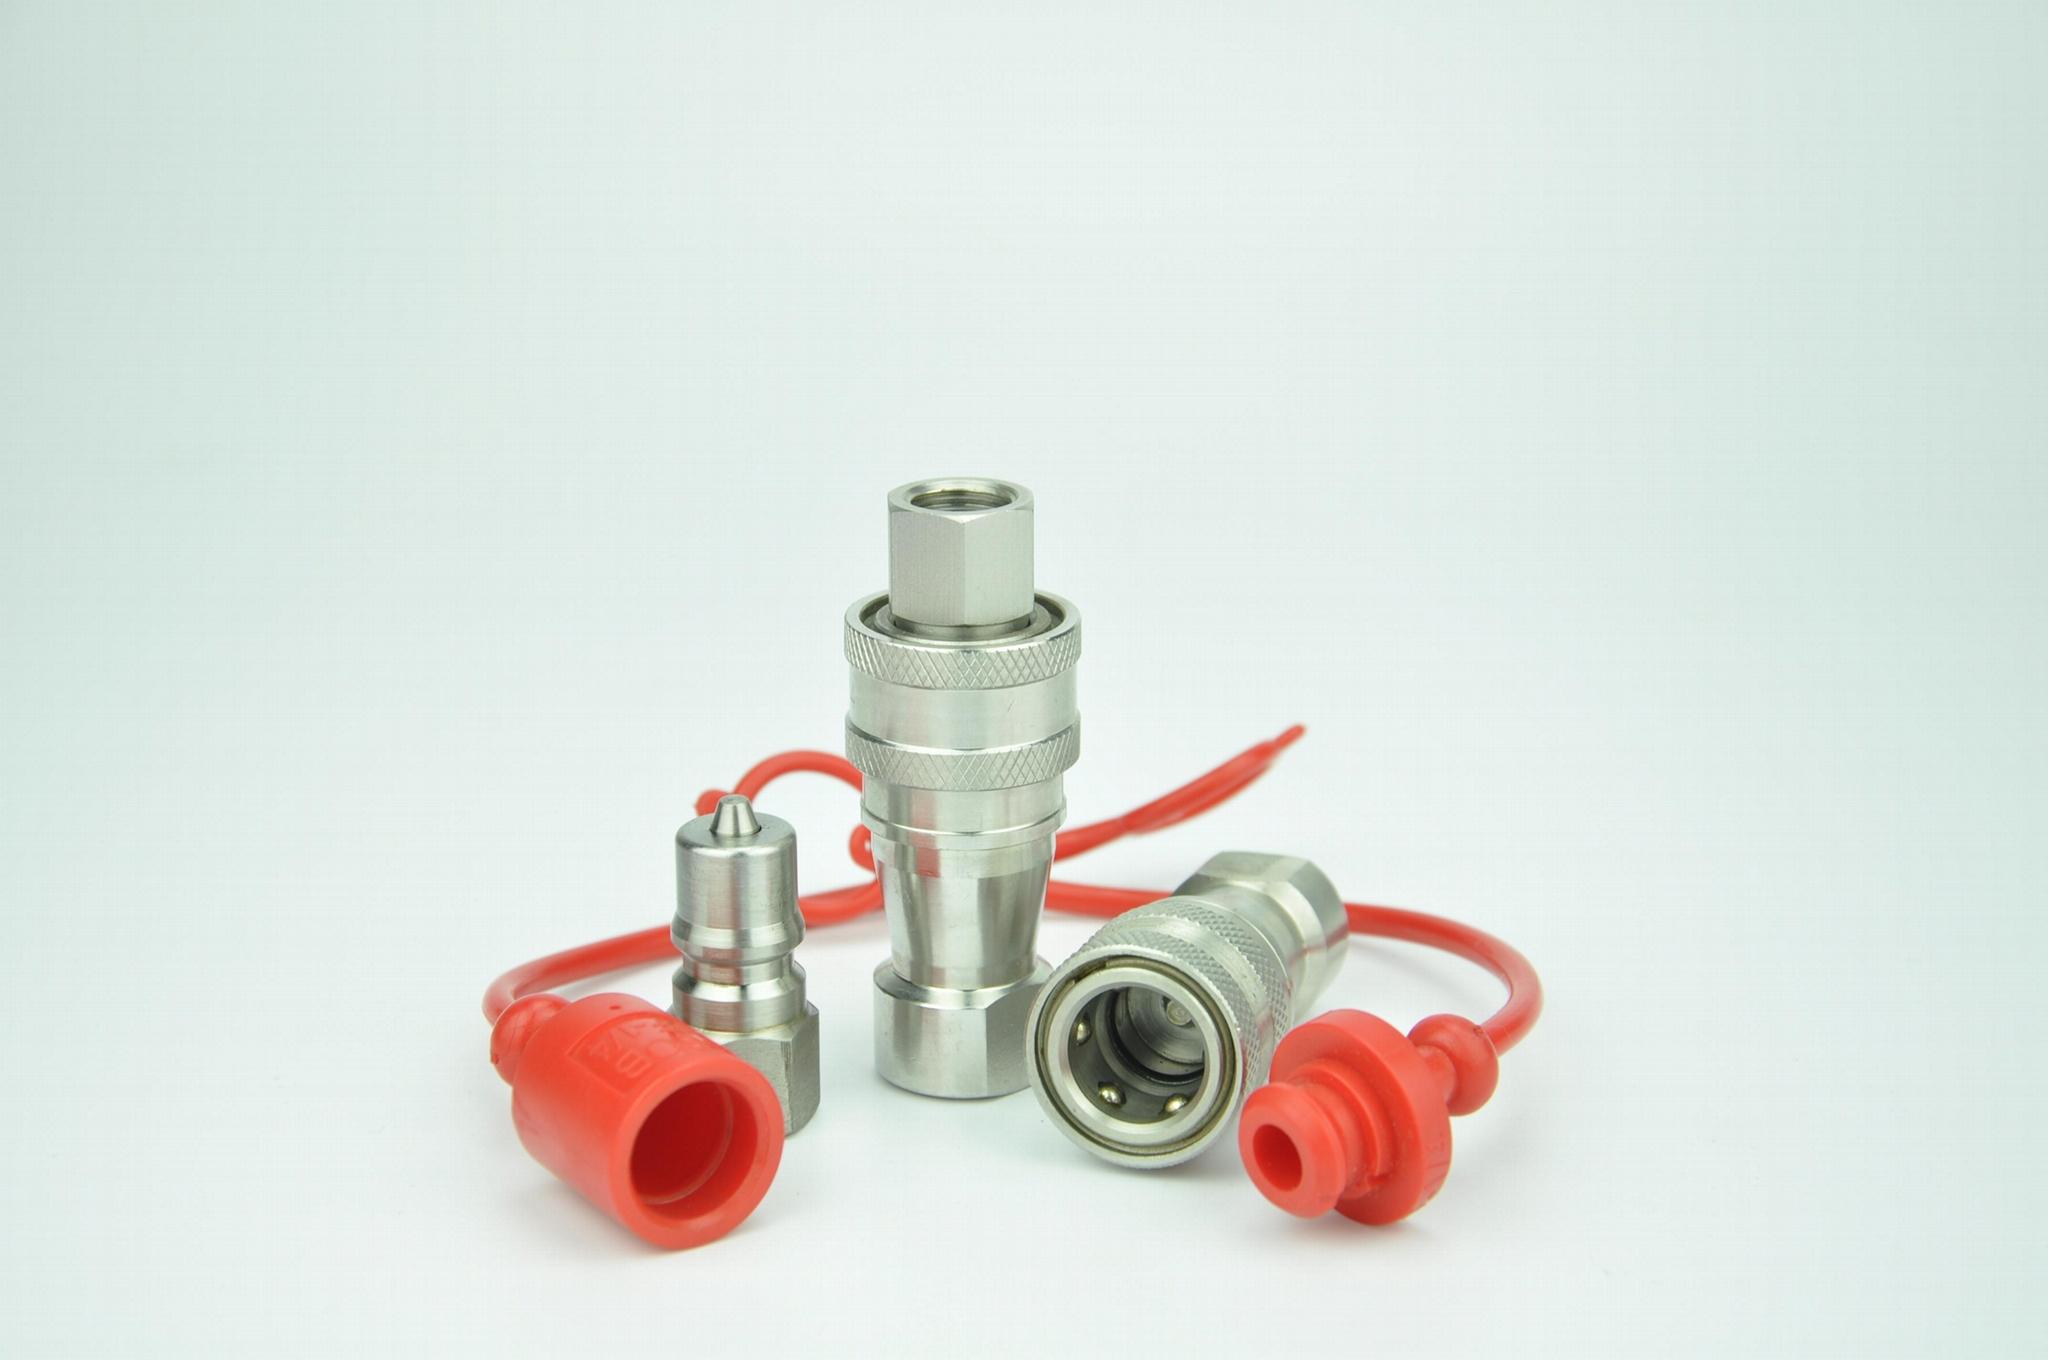 KZF不鏽鋼開閉式高壓油管耐高溫腐蝕快速接頭 3